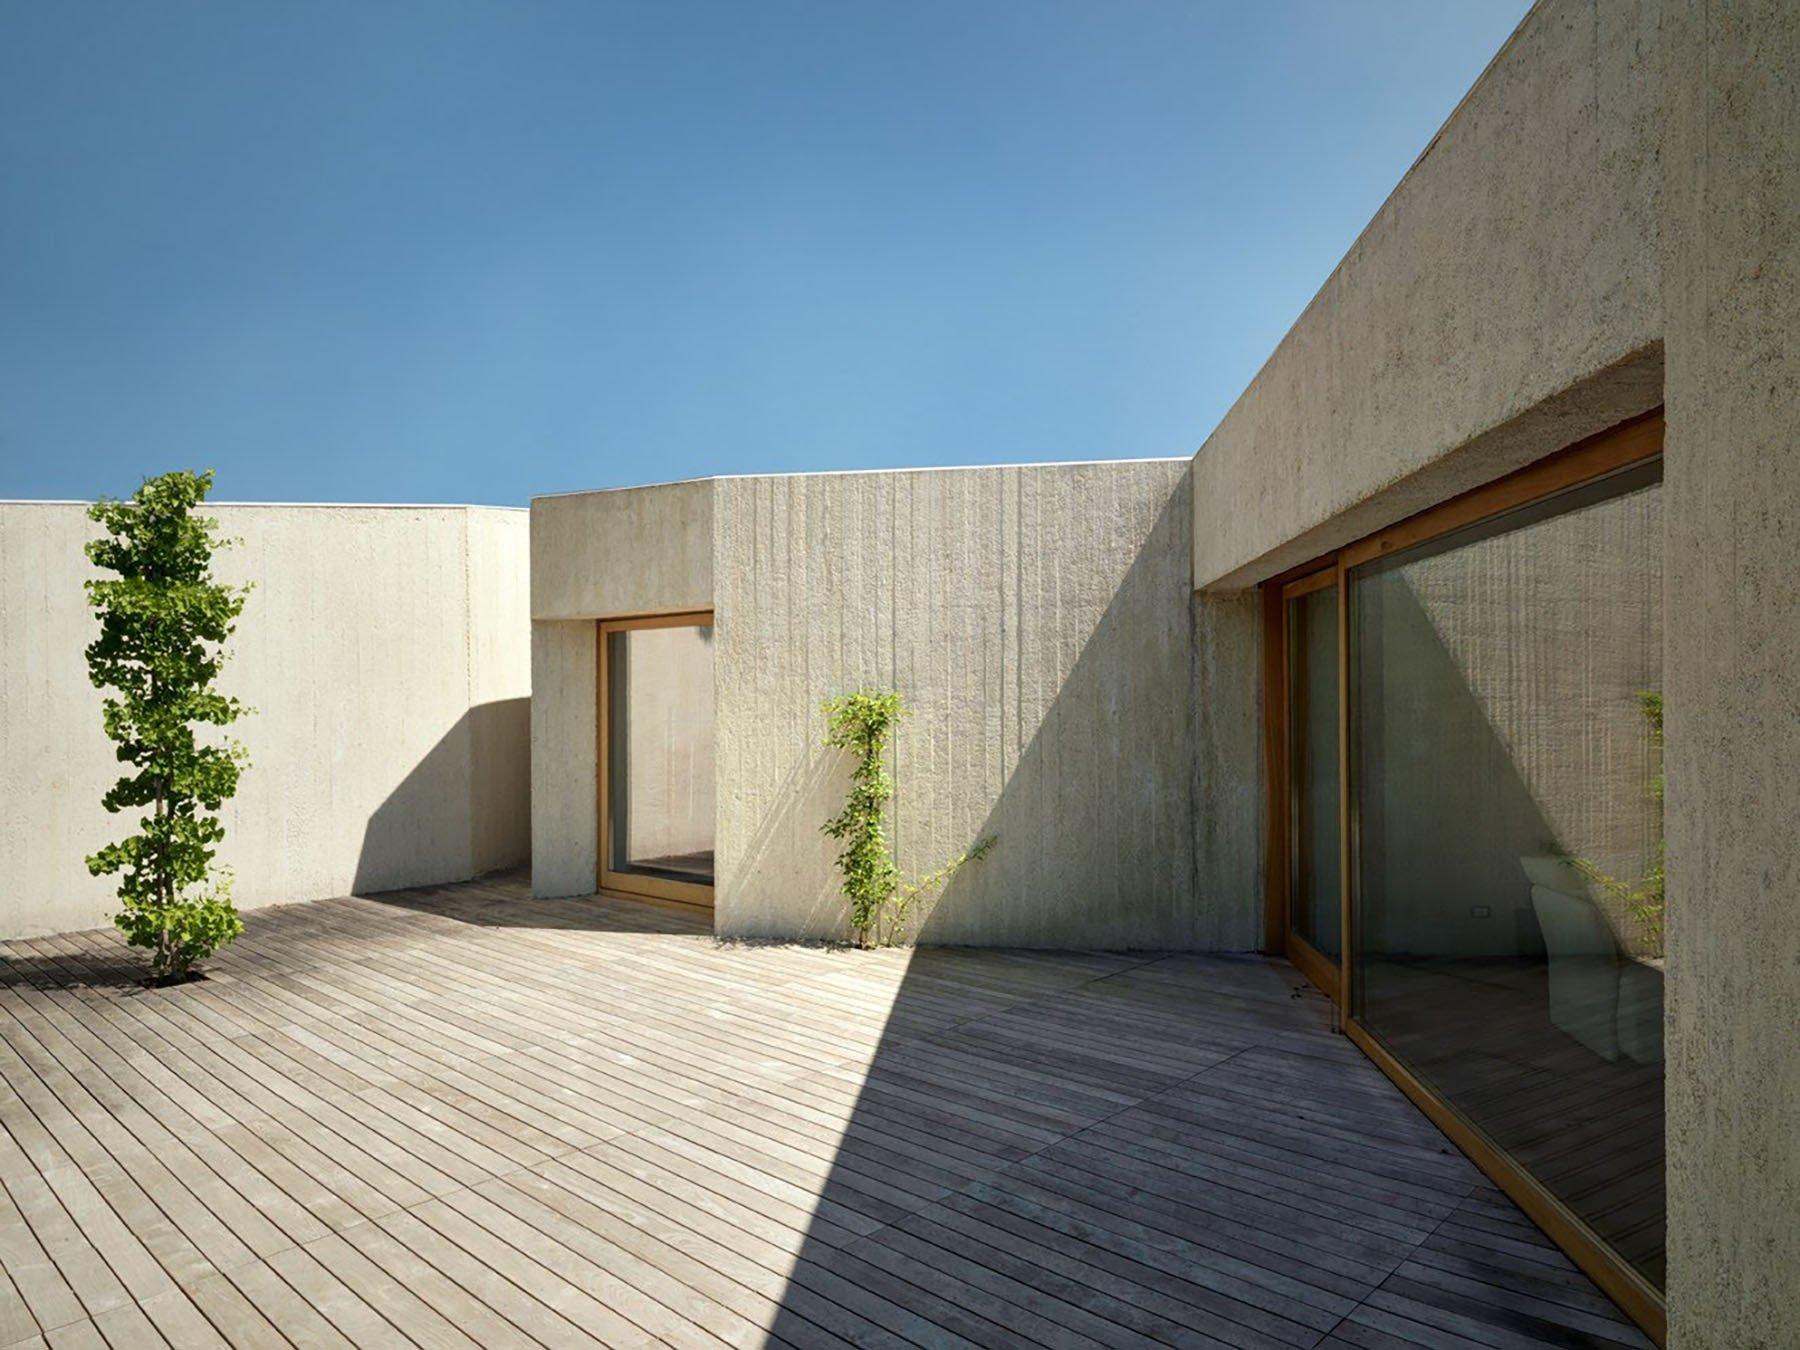 iGNANT-Architecture-Marco-Ortalli-Casa-Crb-009